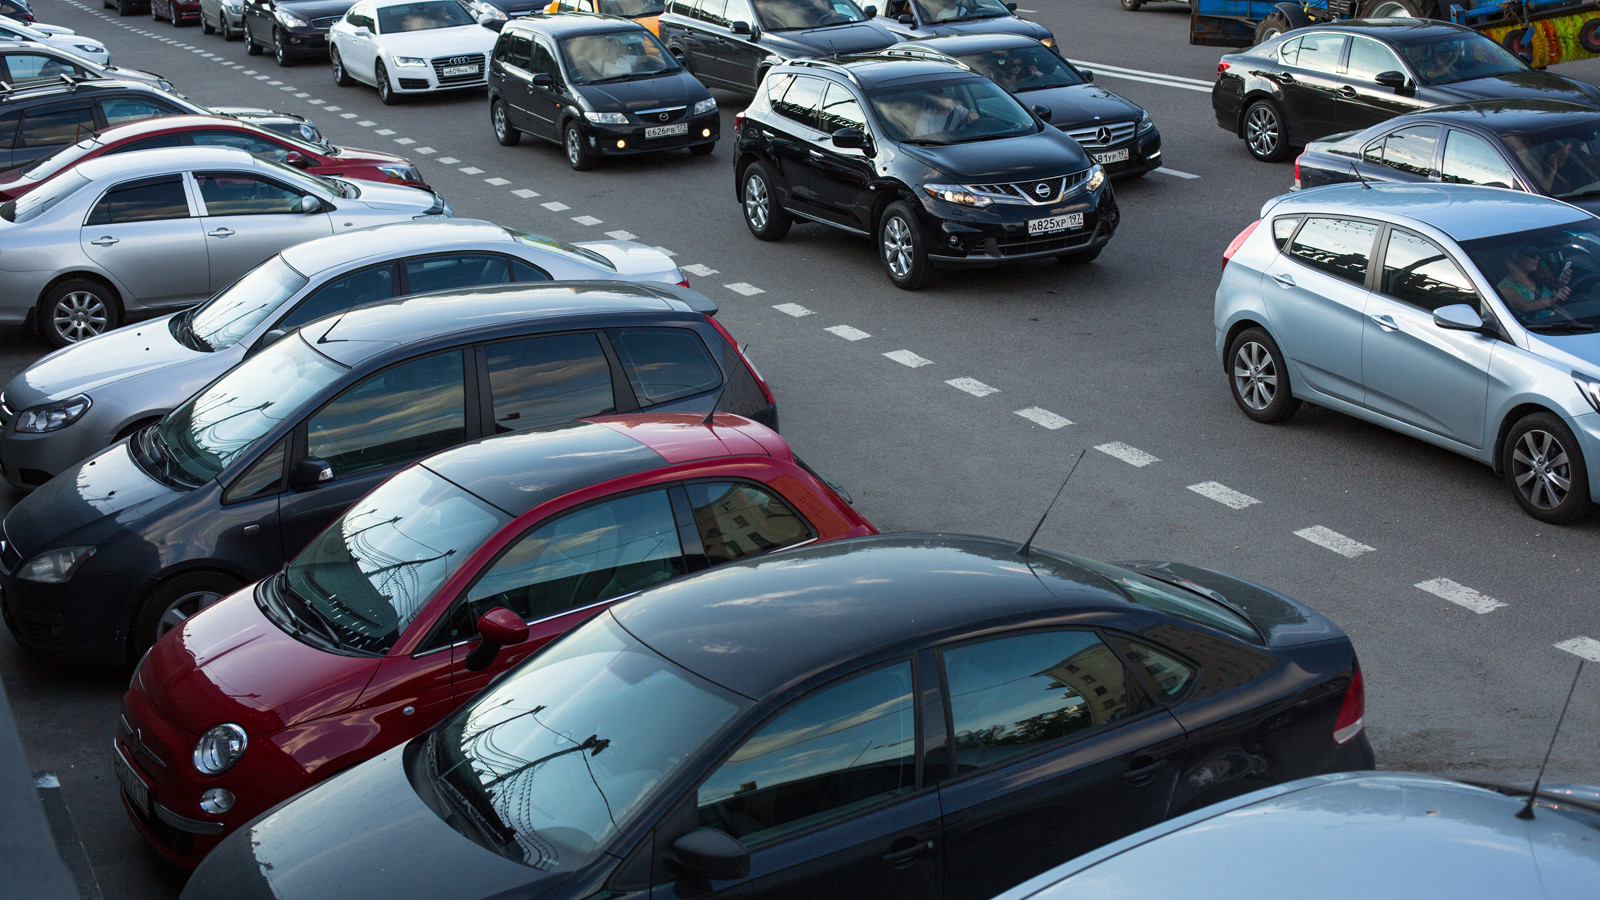 Полиса ОСАГО обходятся обладателям автомобиля дороже ихреальной стоимости из-за ошибок страховых агентов